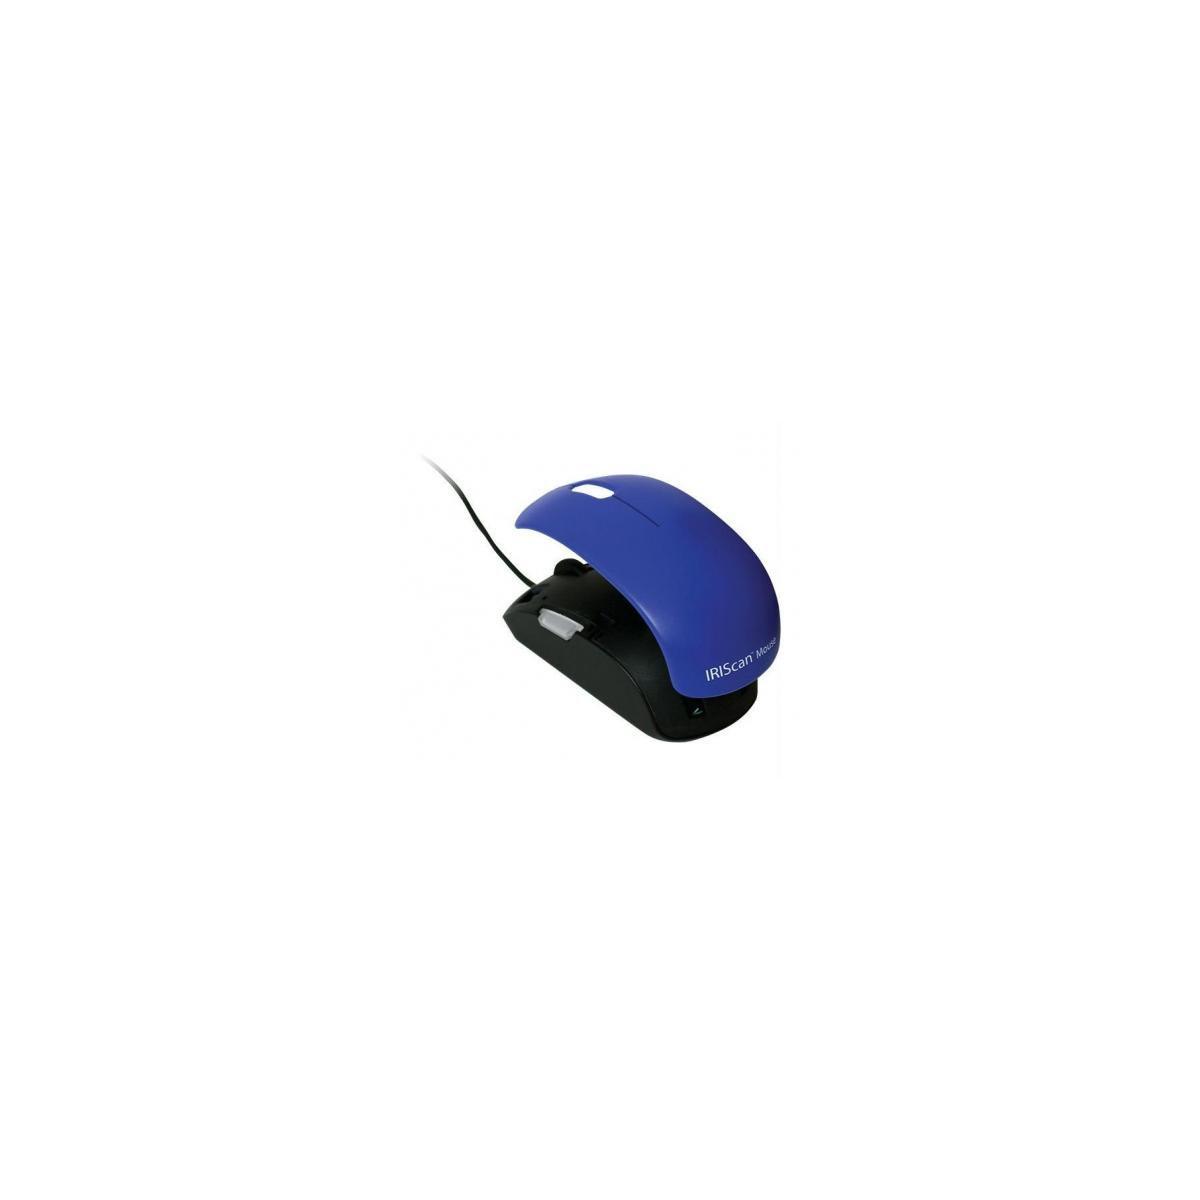 Scanner portable iris iriscan mouse 2 - 7% de remise immédiate avec le code : cool7 (photo)